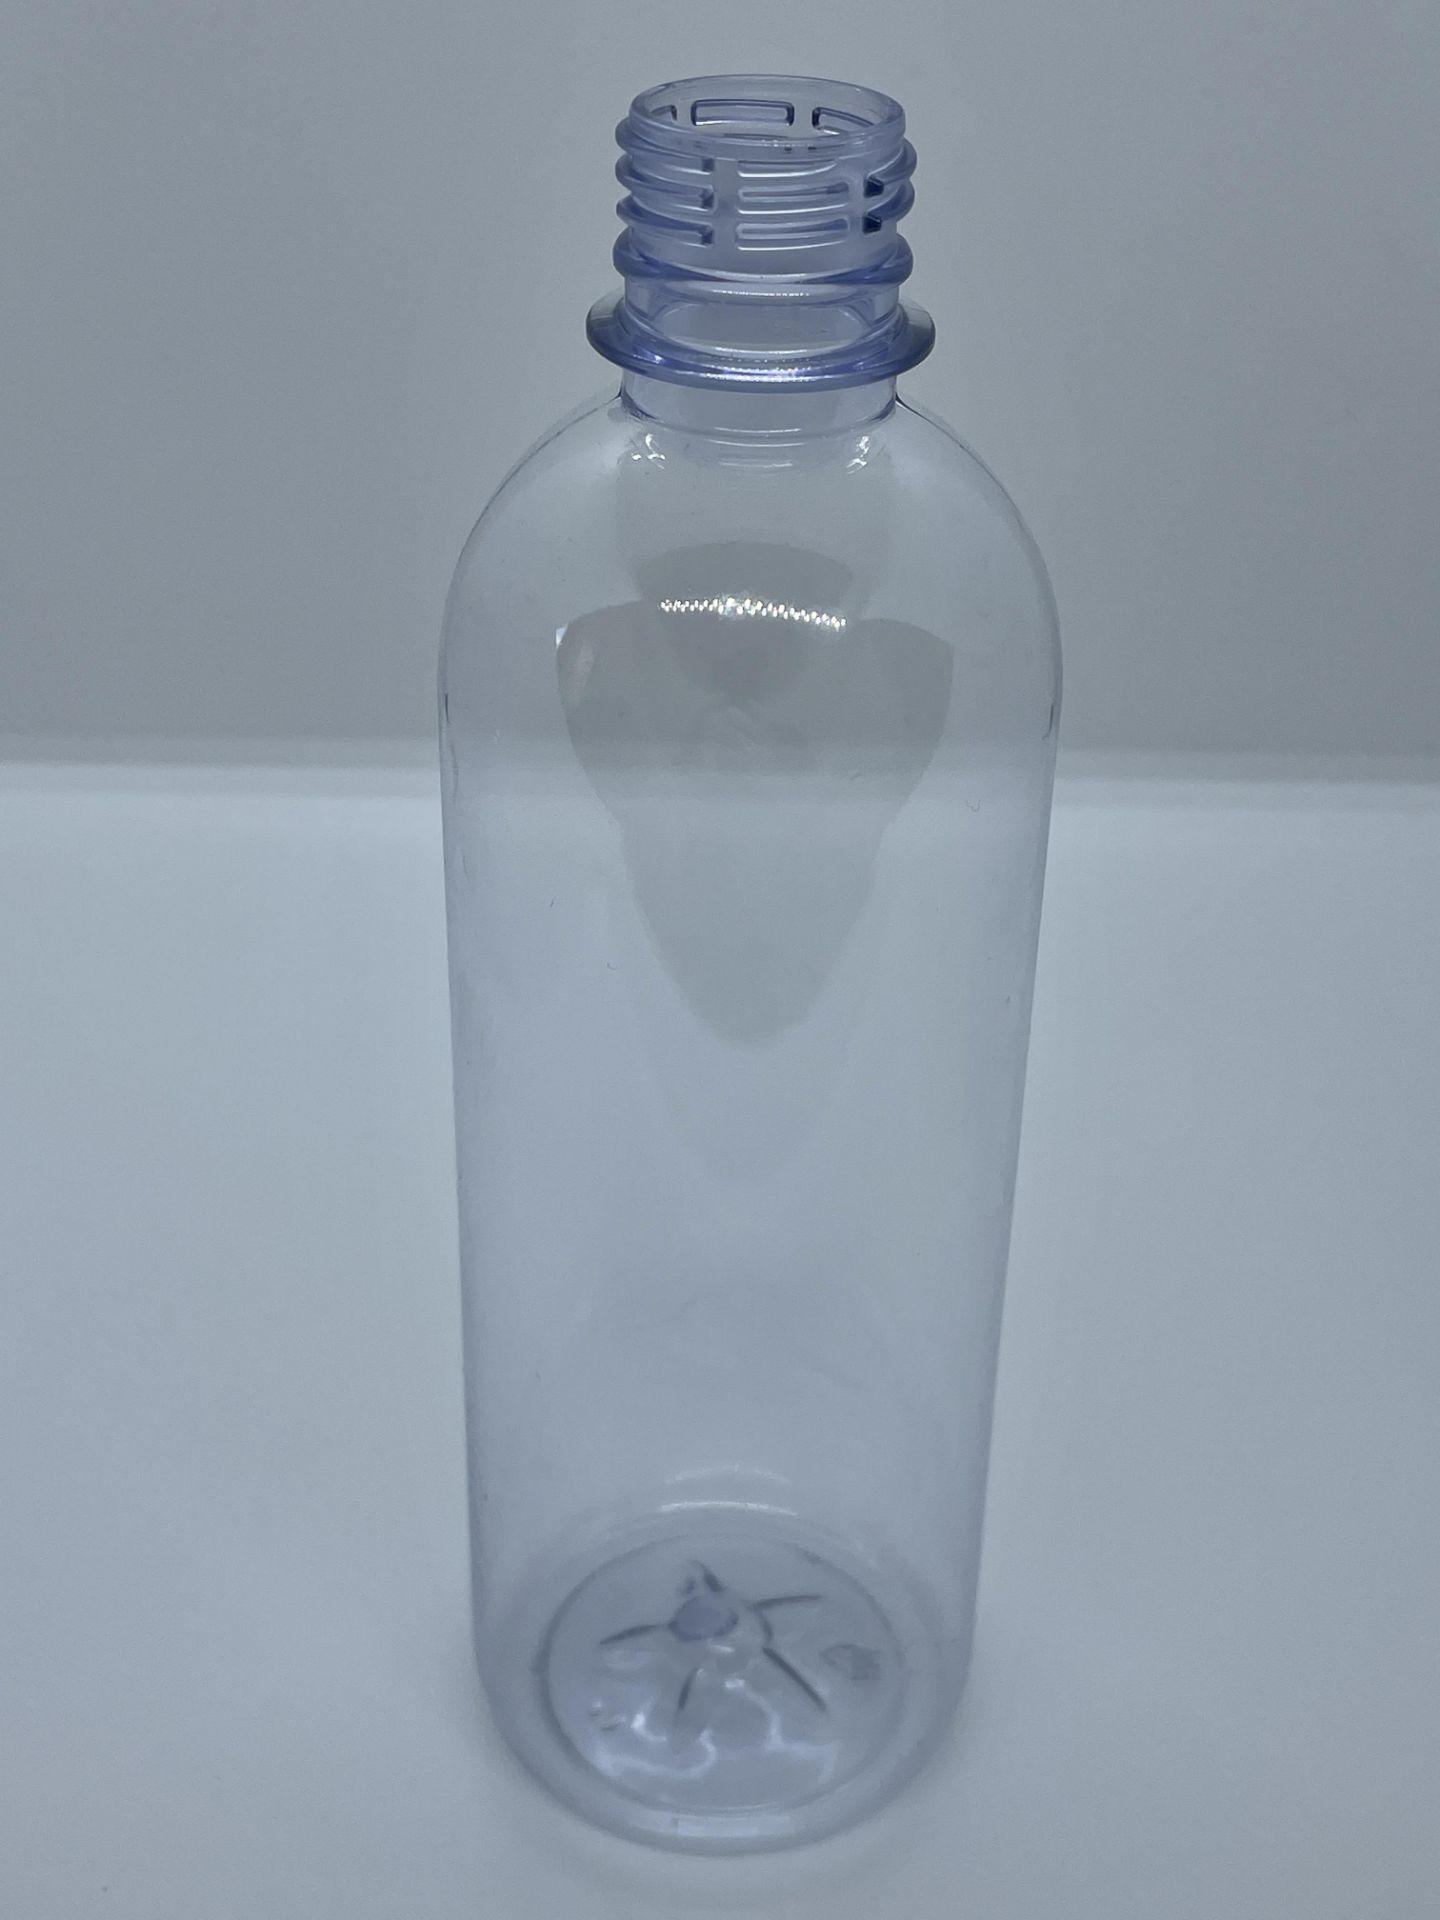 """30,000 - 16 oz Empty Bullet Plastic Bottles, Neck Threading 28-410, 8"""" Tall, 2.5"""" Diameter - Image 3 of 8"""